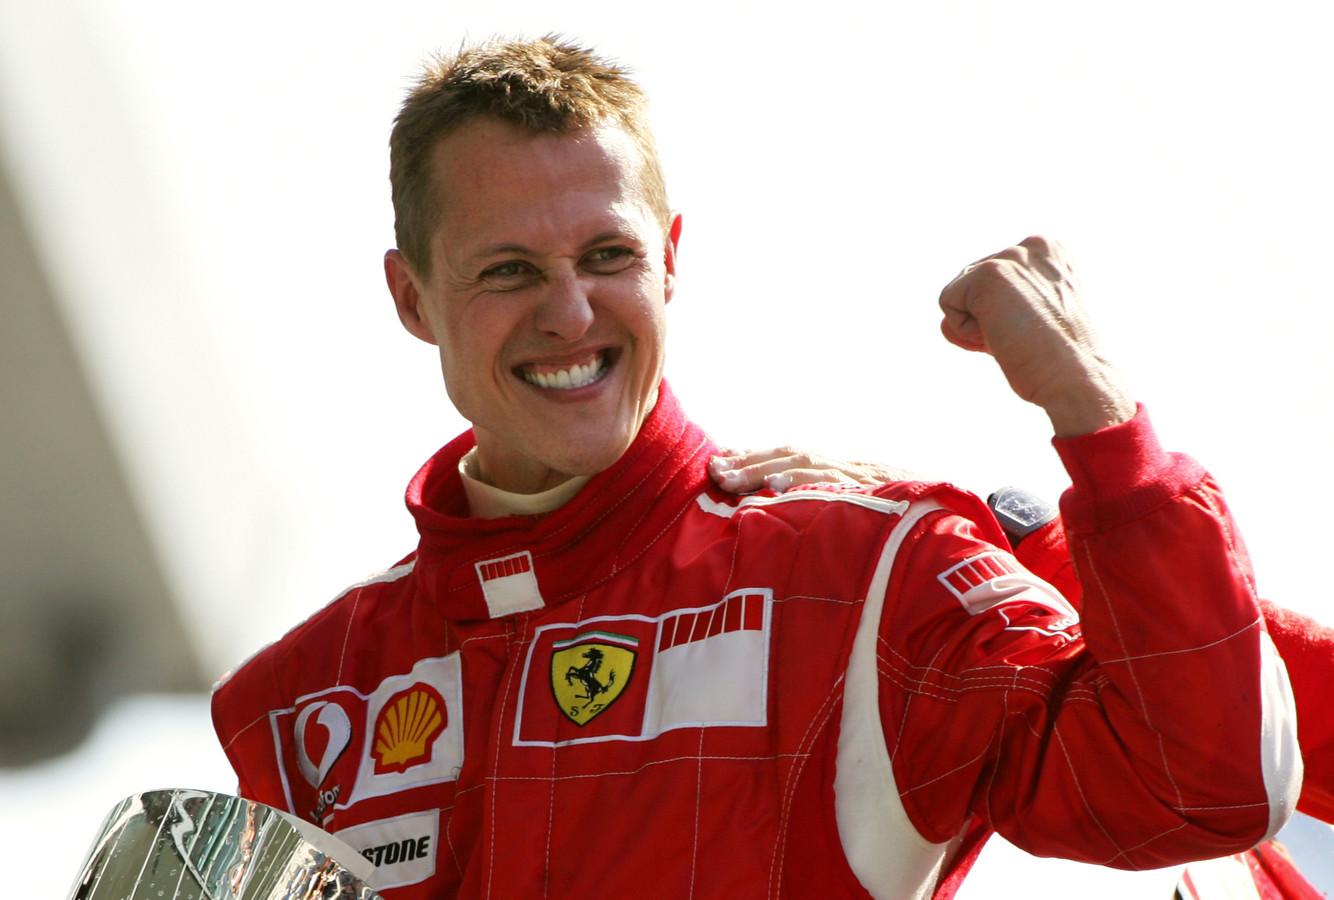 Michael Schumacher is zevenvoudig wereldkampioen in de Formule 1.